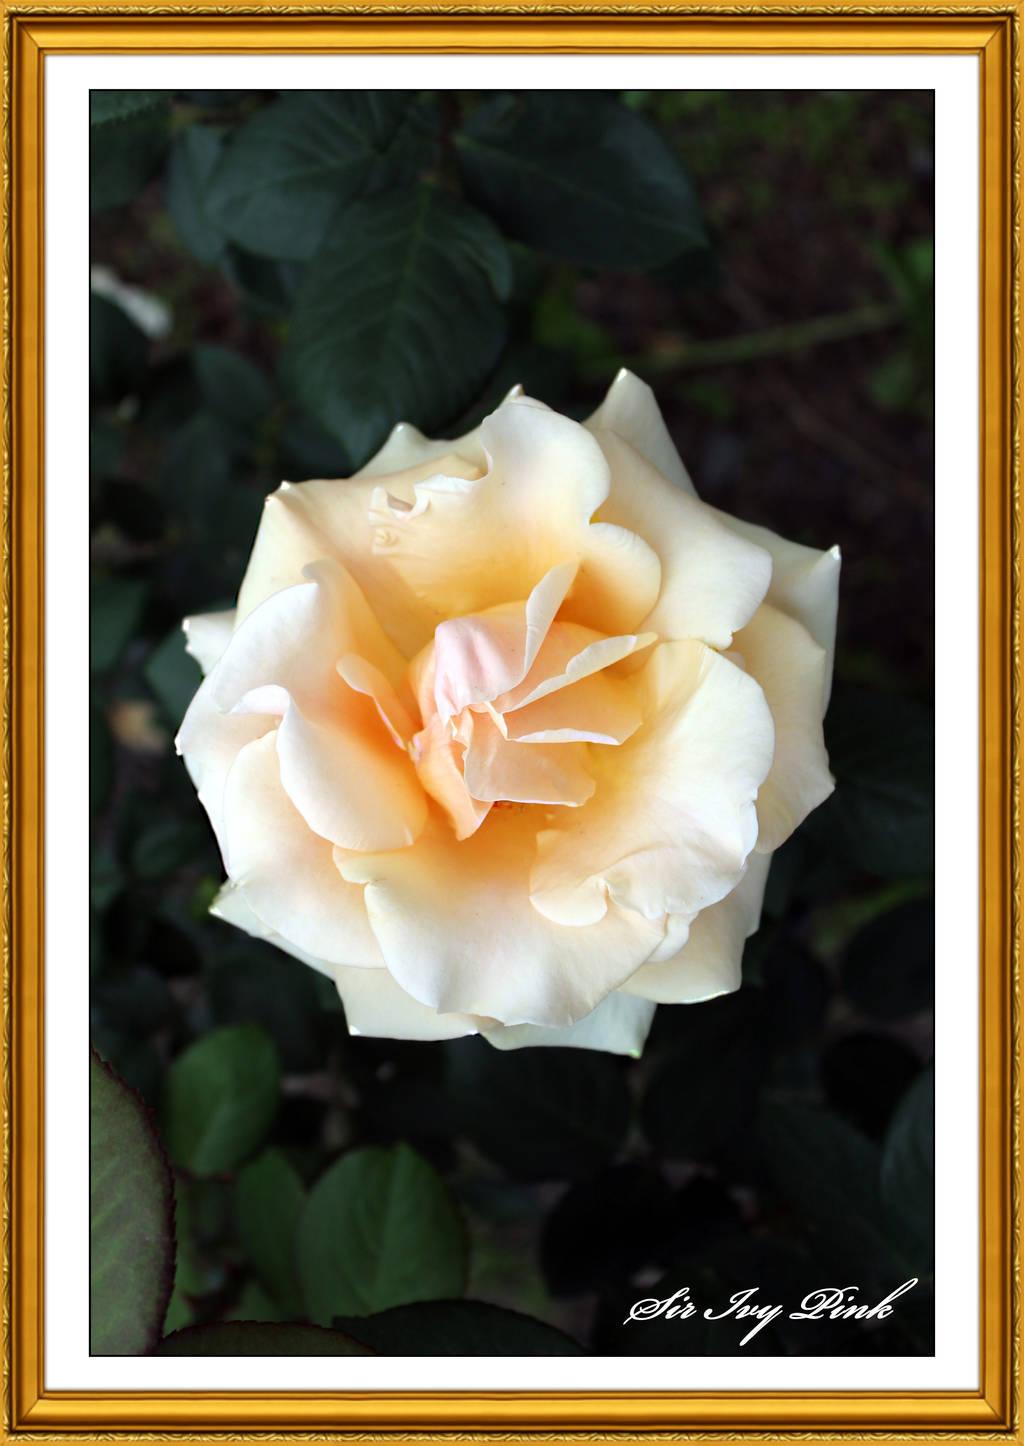 Flower 2947 ACDE by SirIvyPink